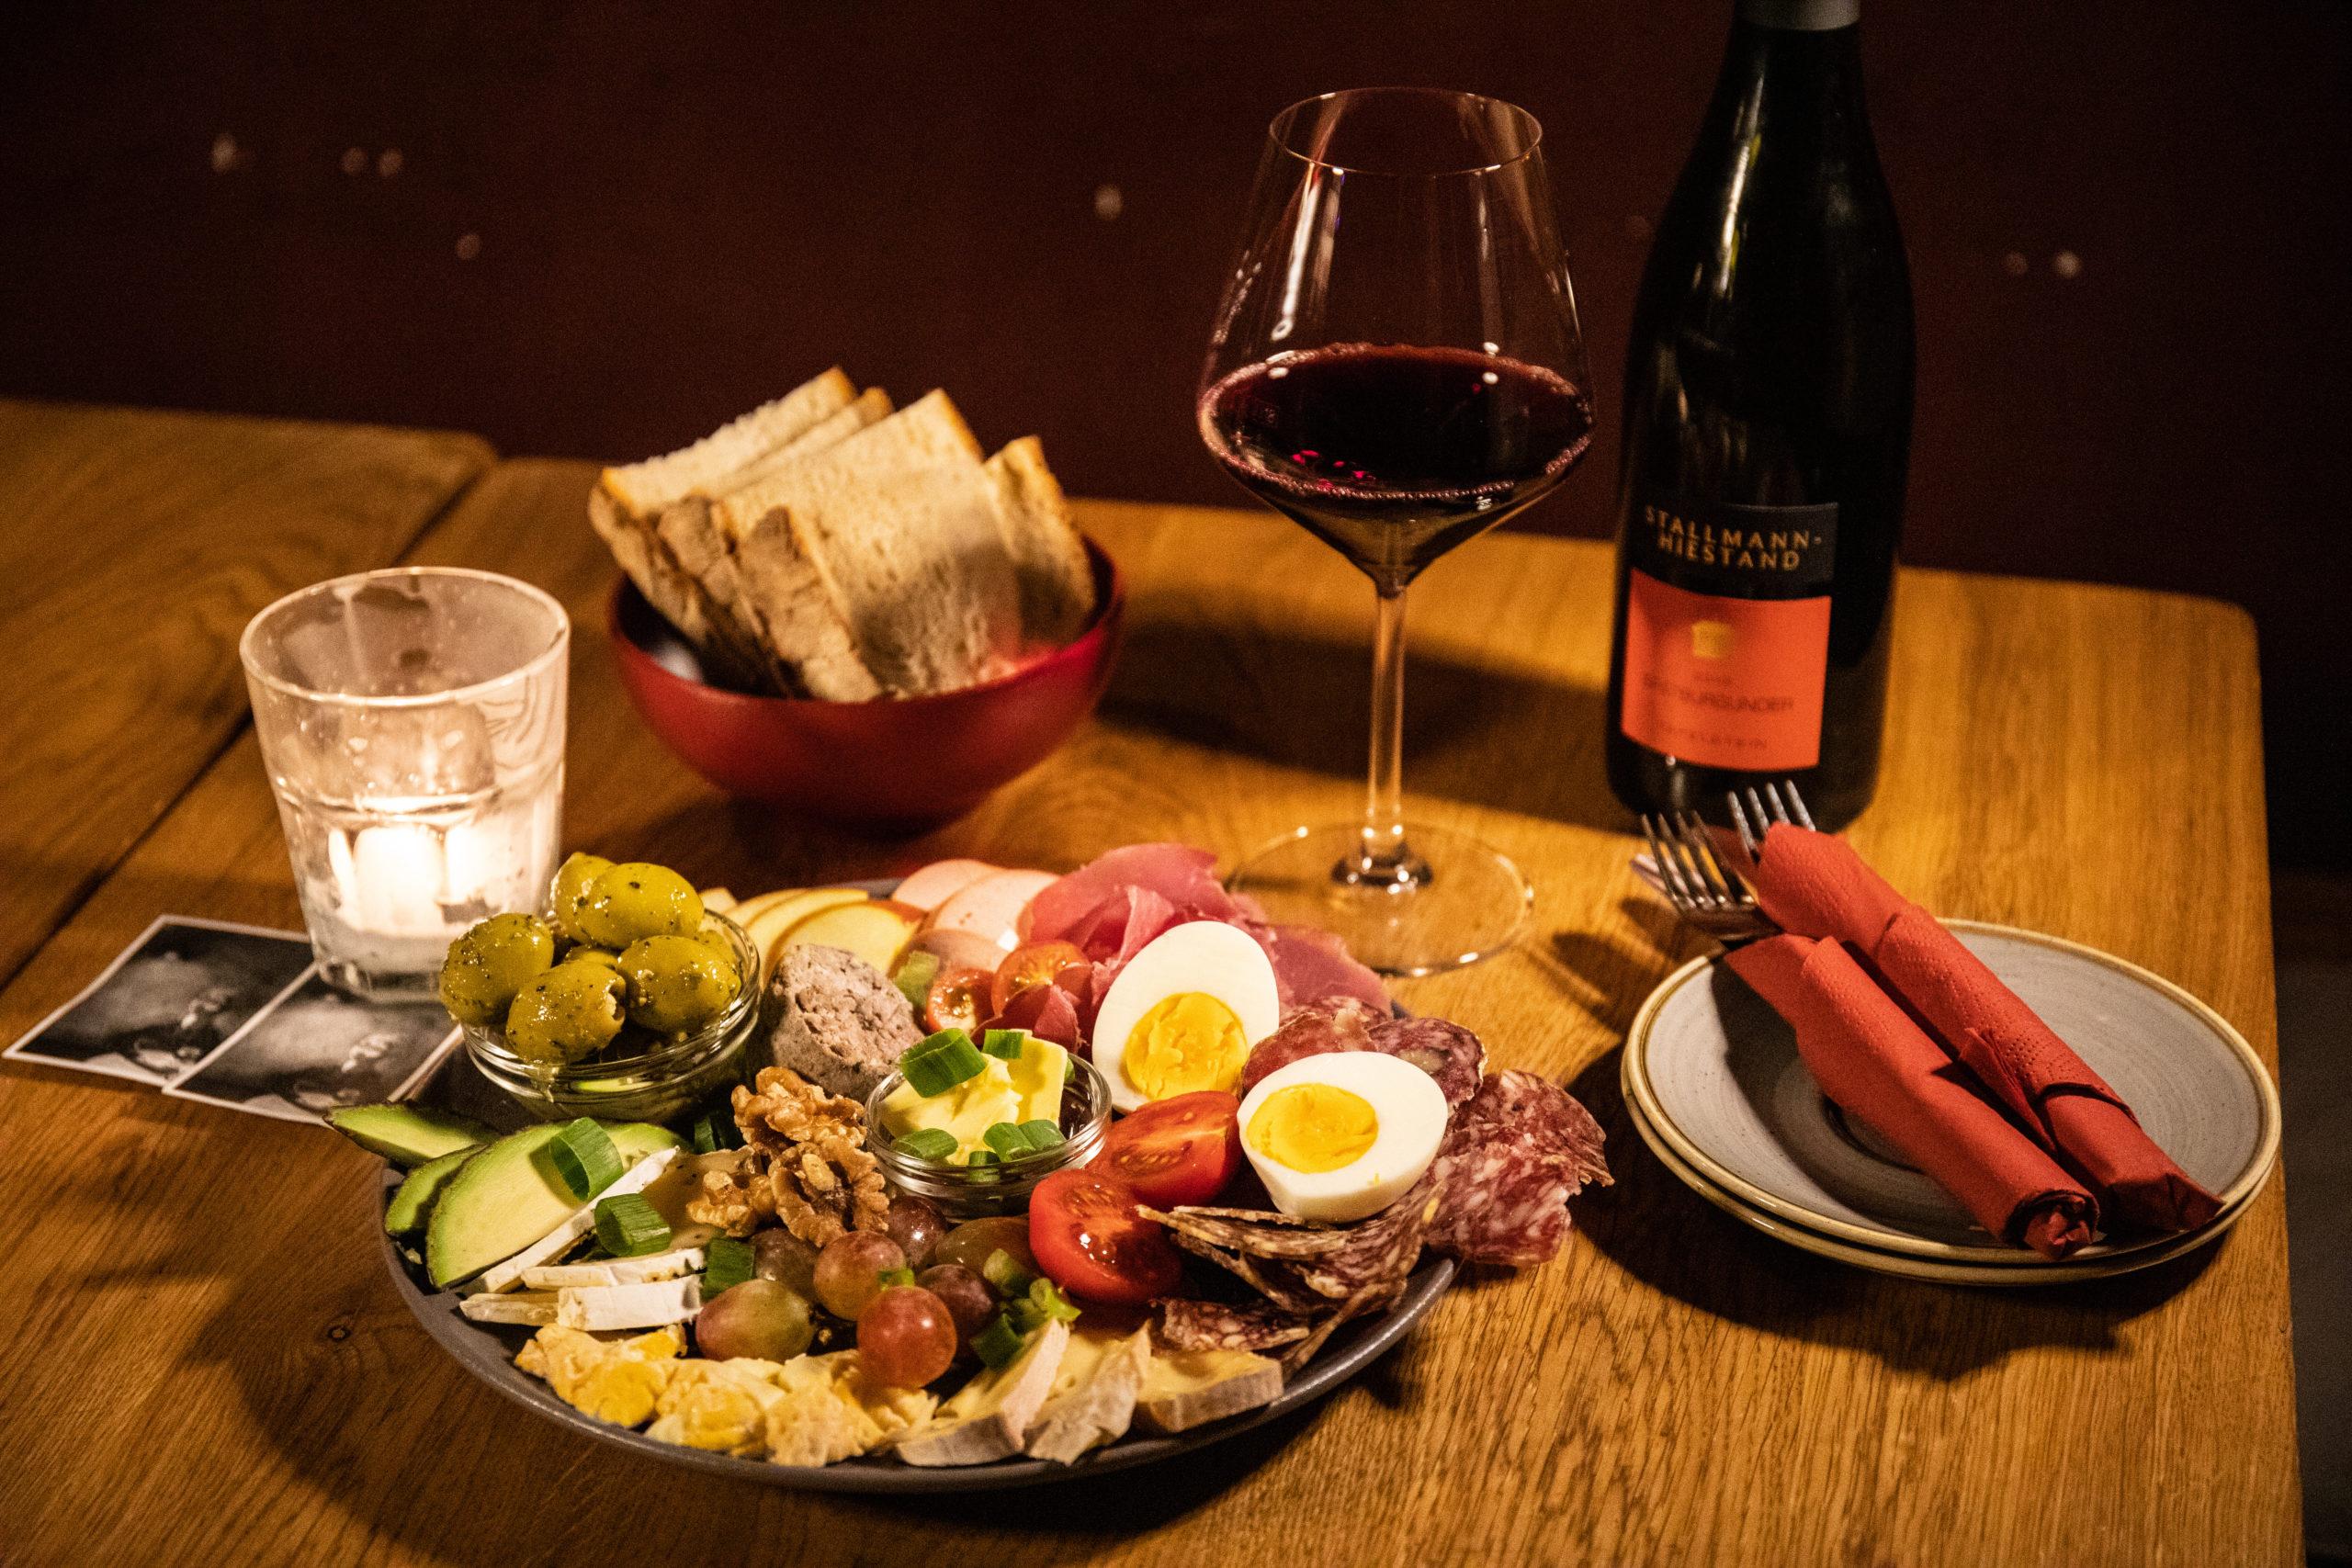 Apéro in Berlin Weine, fast zu Winzerpreisen, und Deftiges, das Appetit auf mehr macht gibt es beim entspannten Weinverein am Berg.